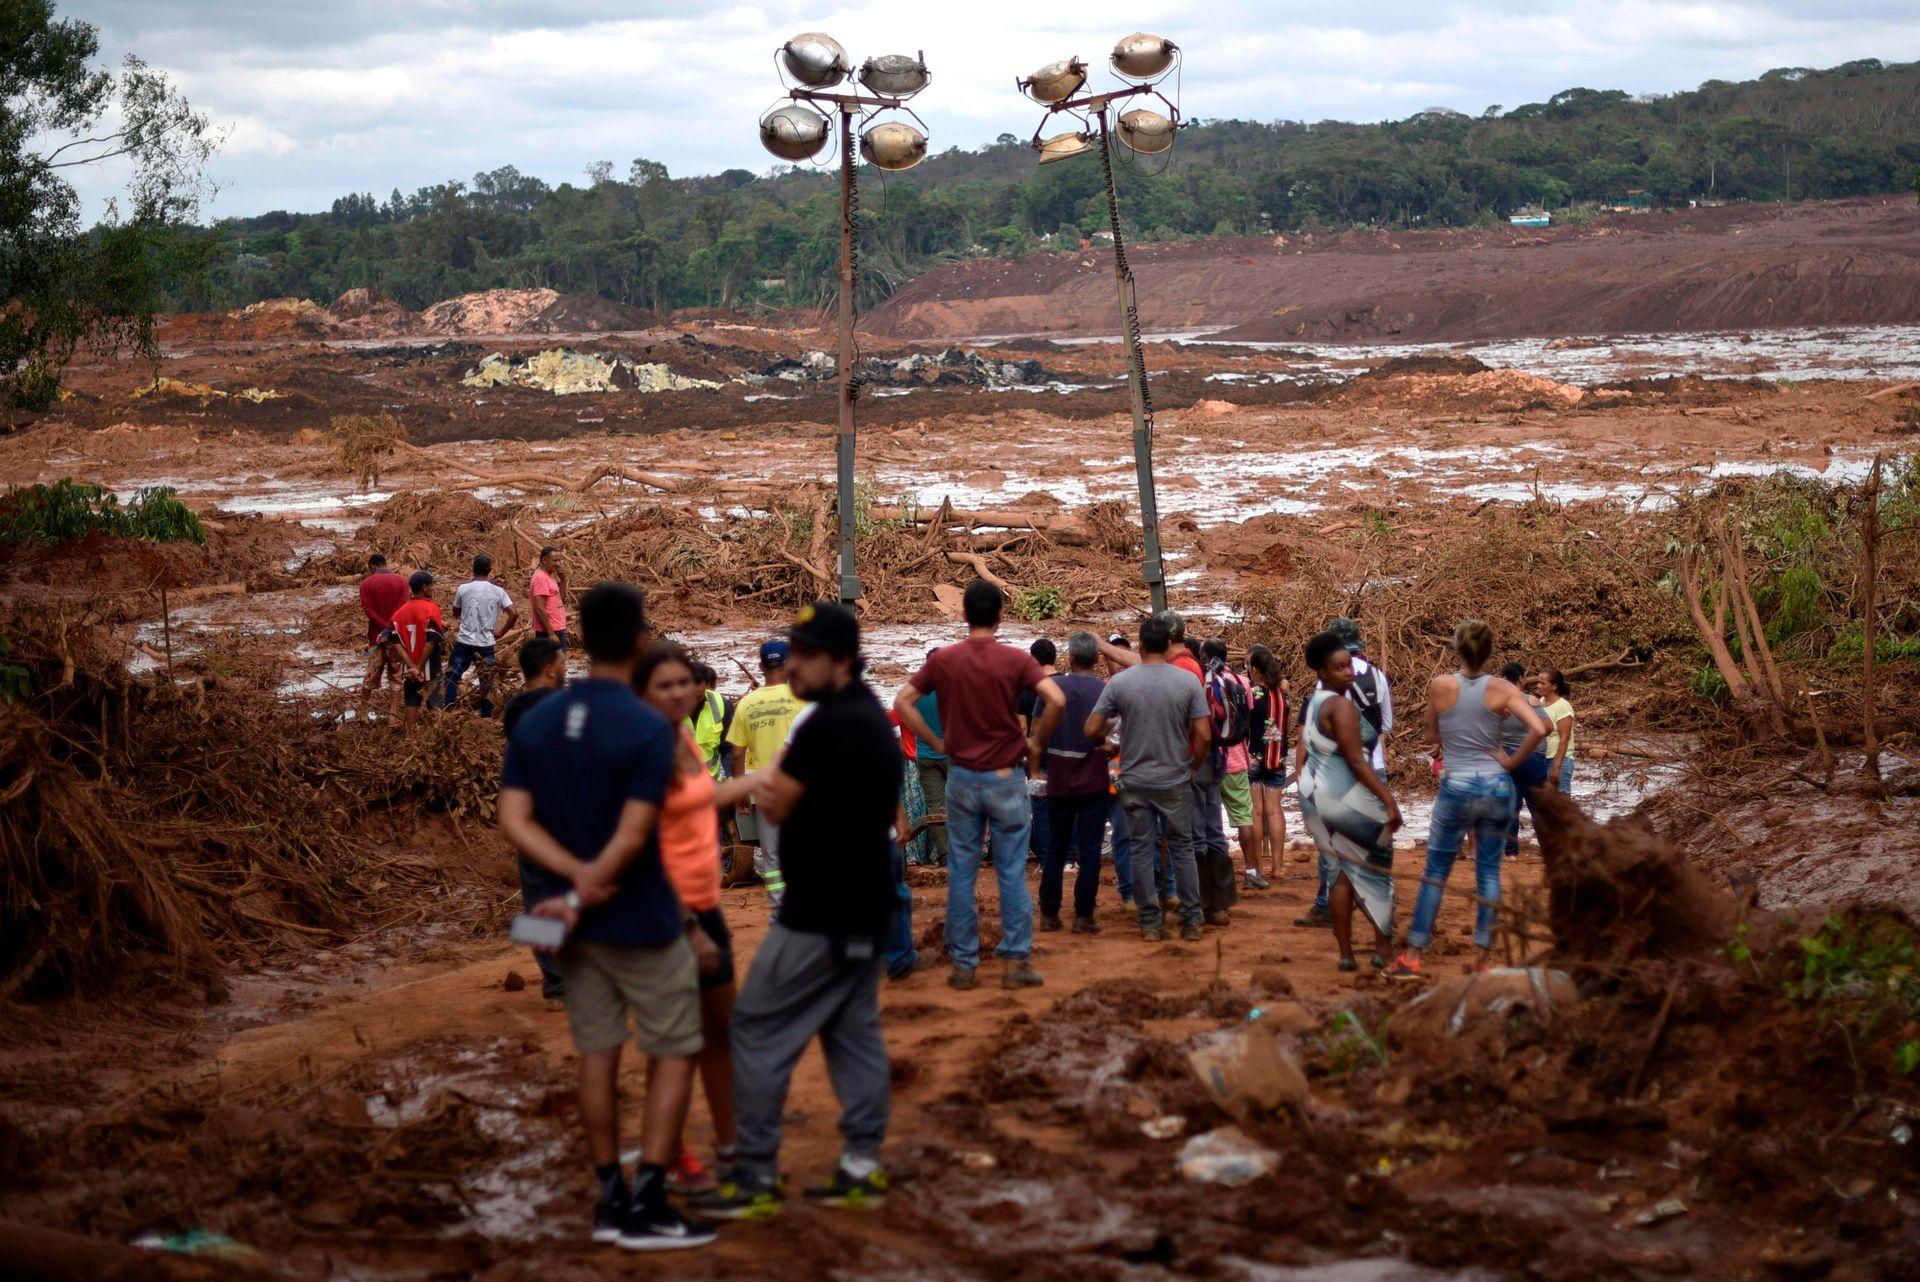 La búsqueda de cientos de desaparecidos tras el colapso del dique en Brumadinho